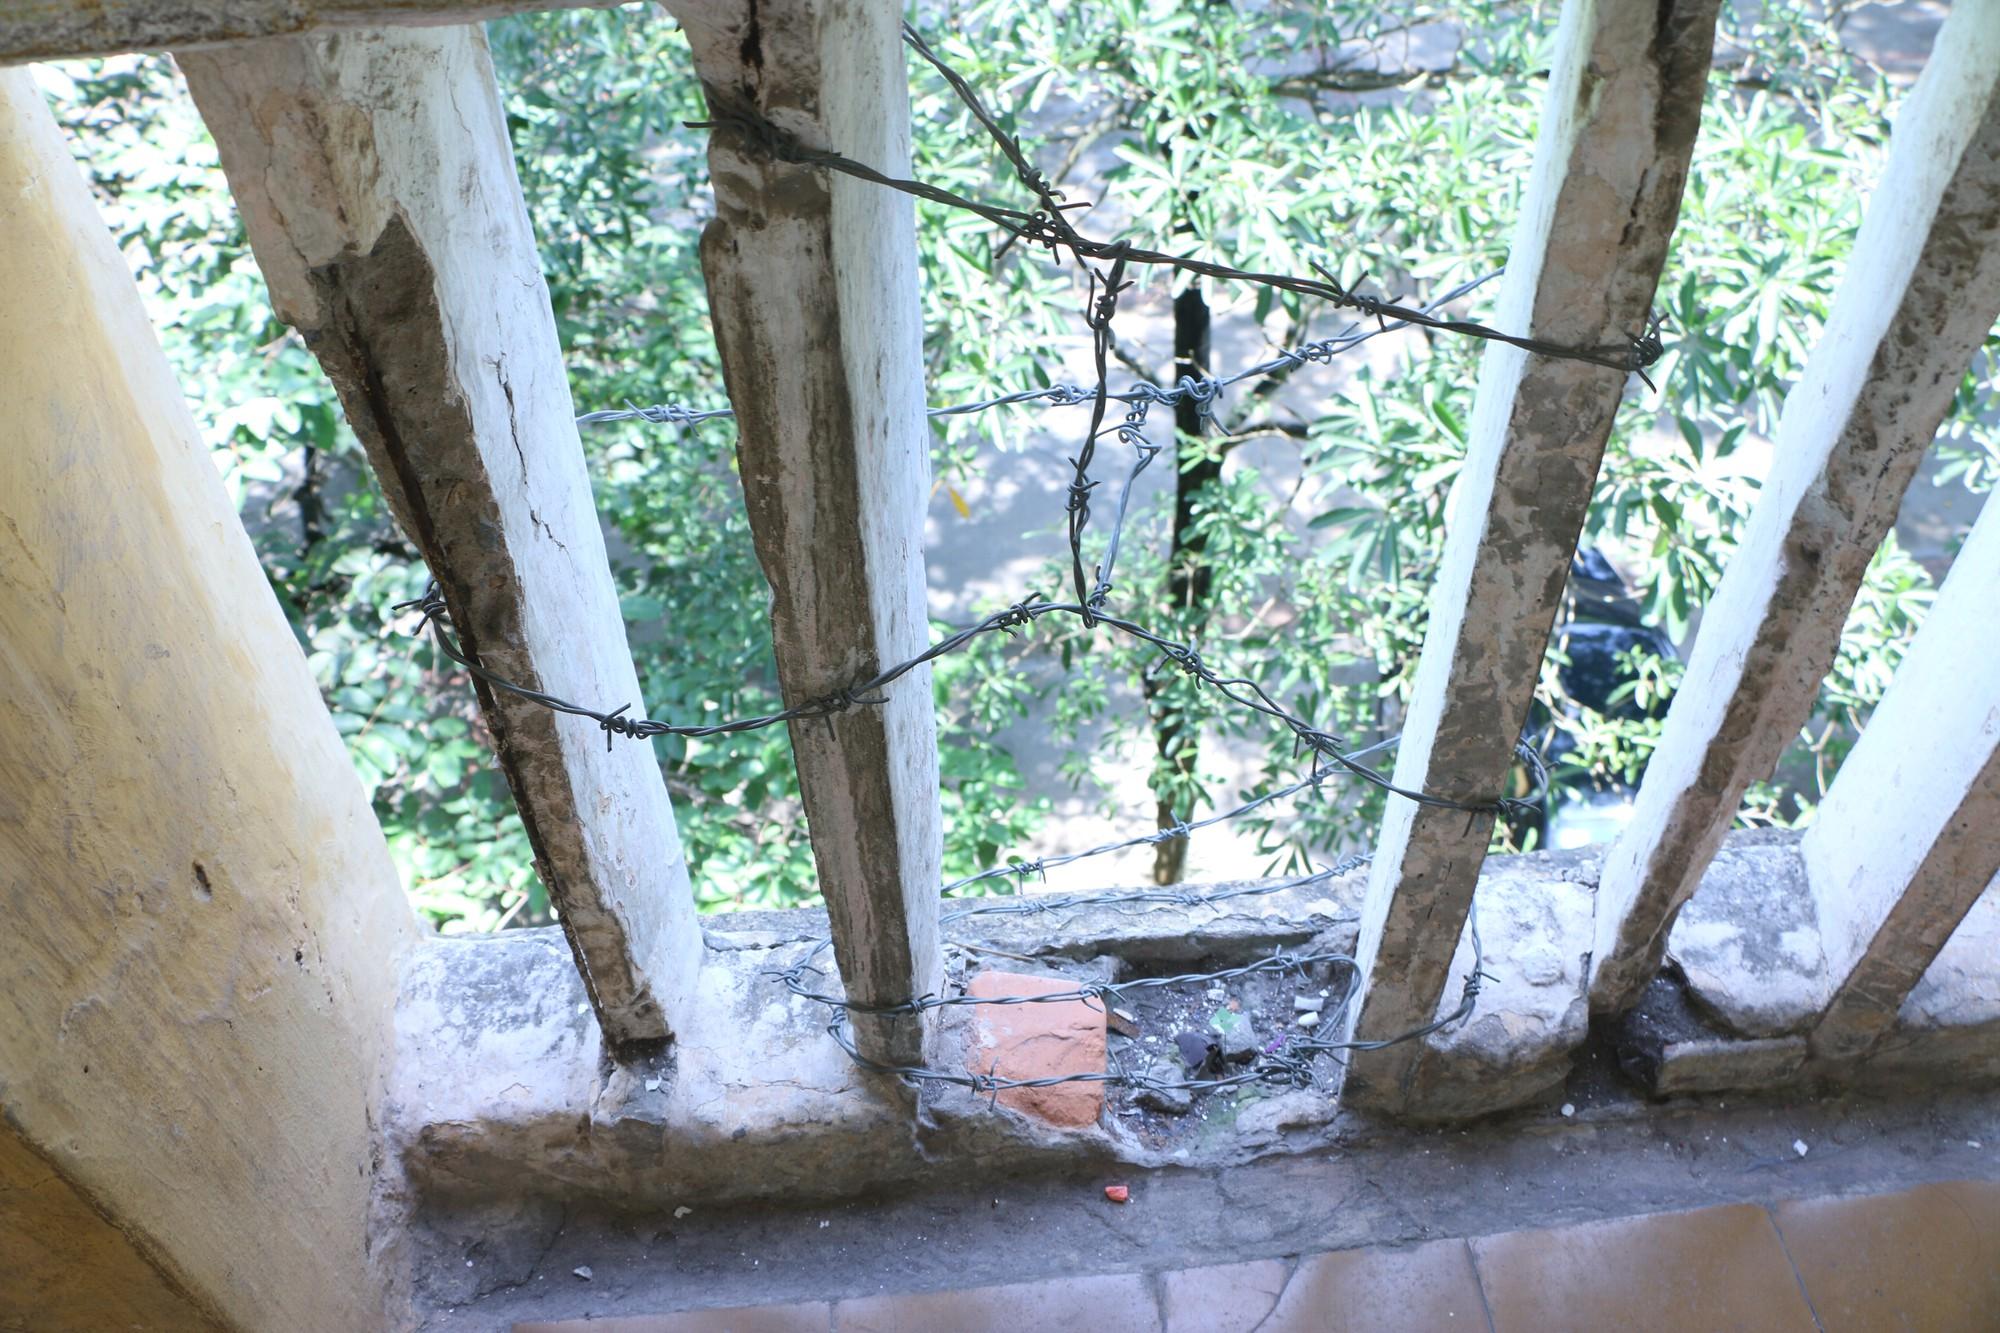 Vữa trần rơi, lan can được rào tạm bằng dây thép gai, ngôi trường cấp 3 giữa Hà Nội có nguy cơ đổ sập  - Ảnh 19.